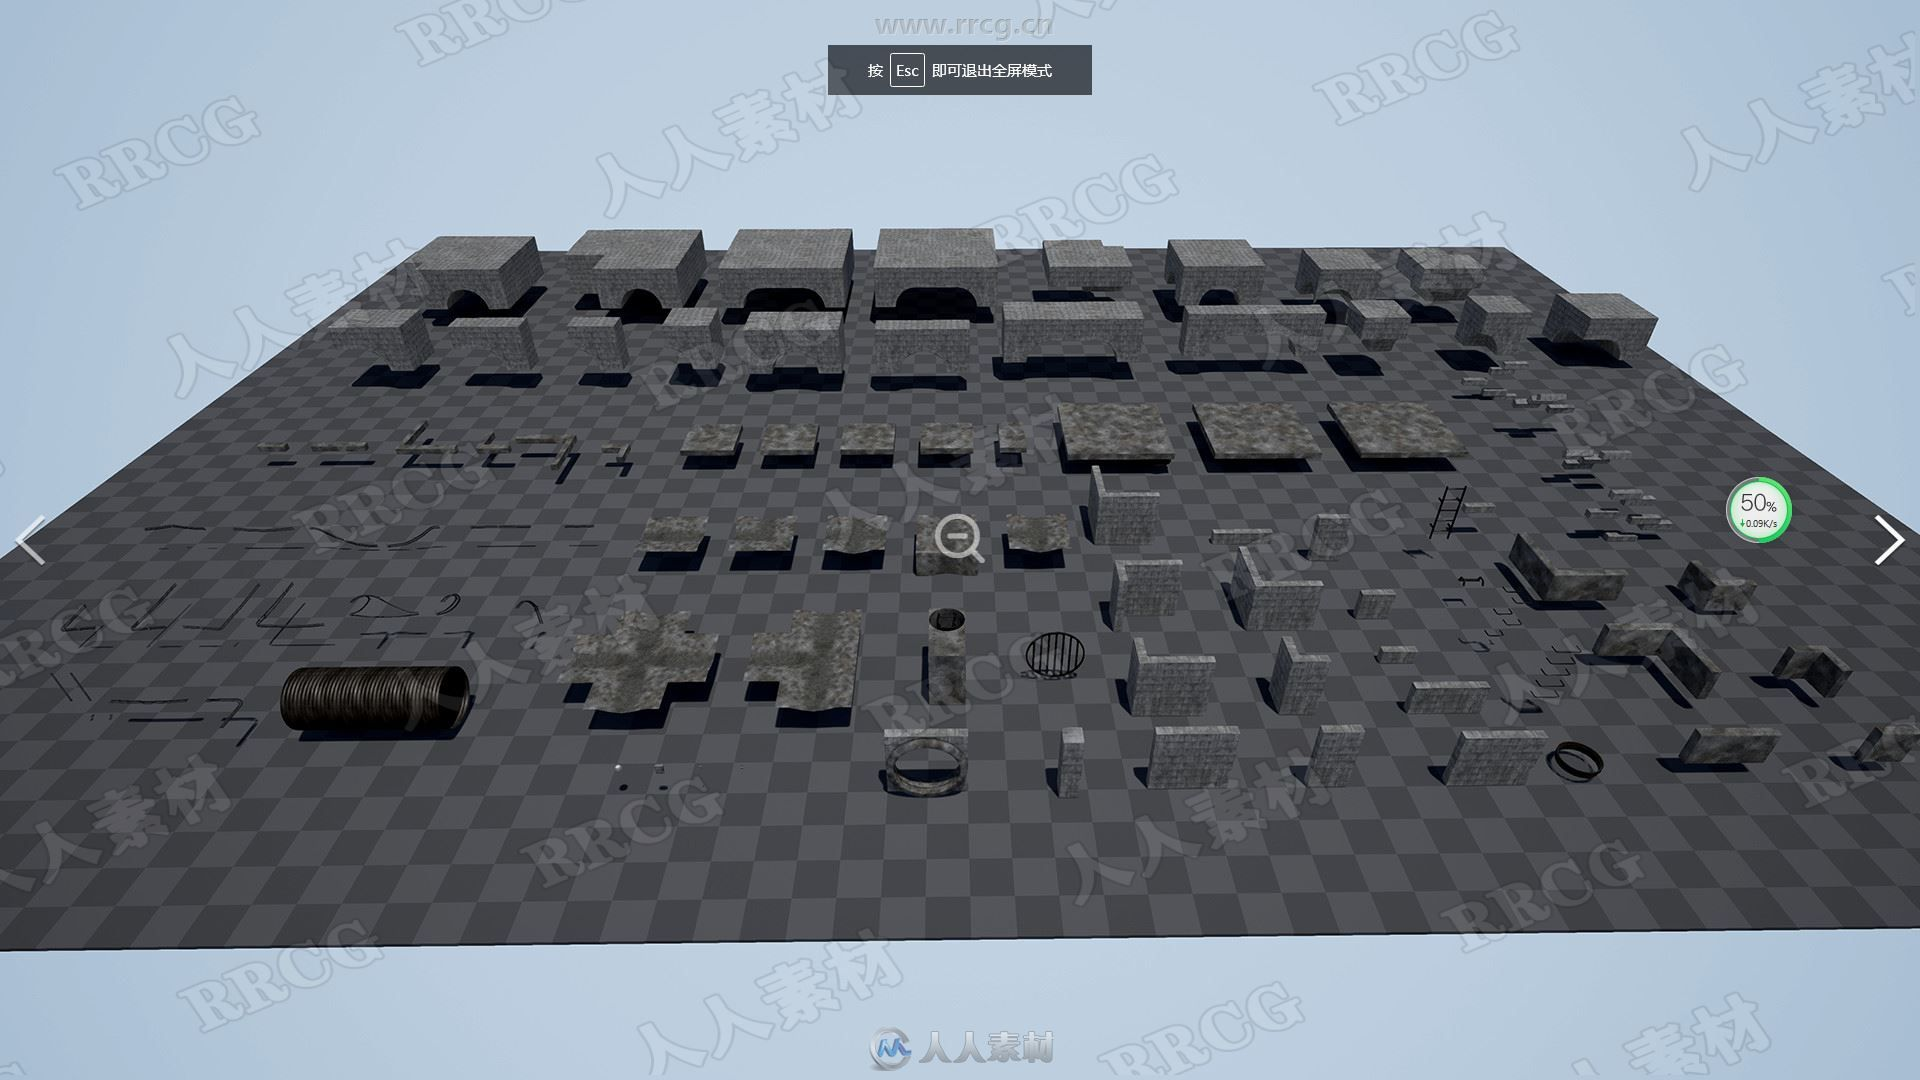 下水道地神秘下迷宫地窖模板UE4游戏素材资源